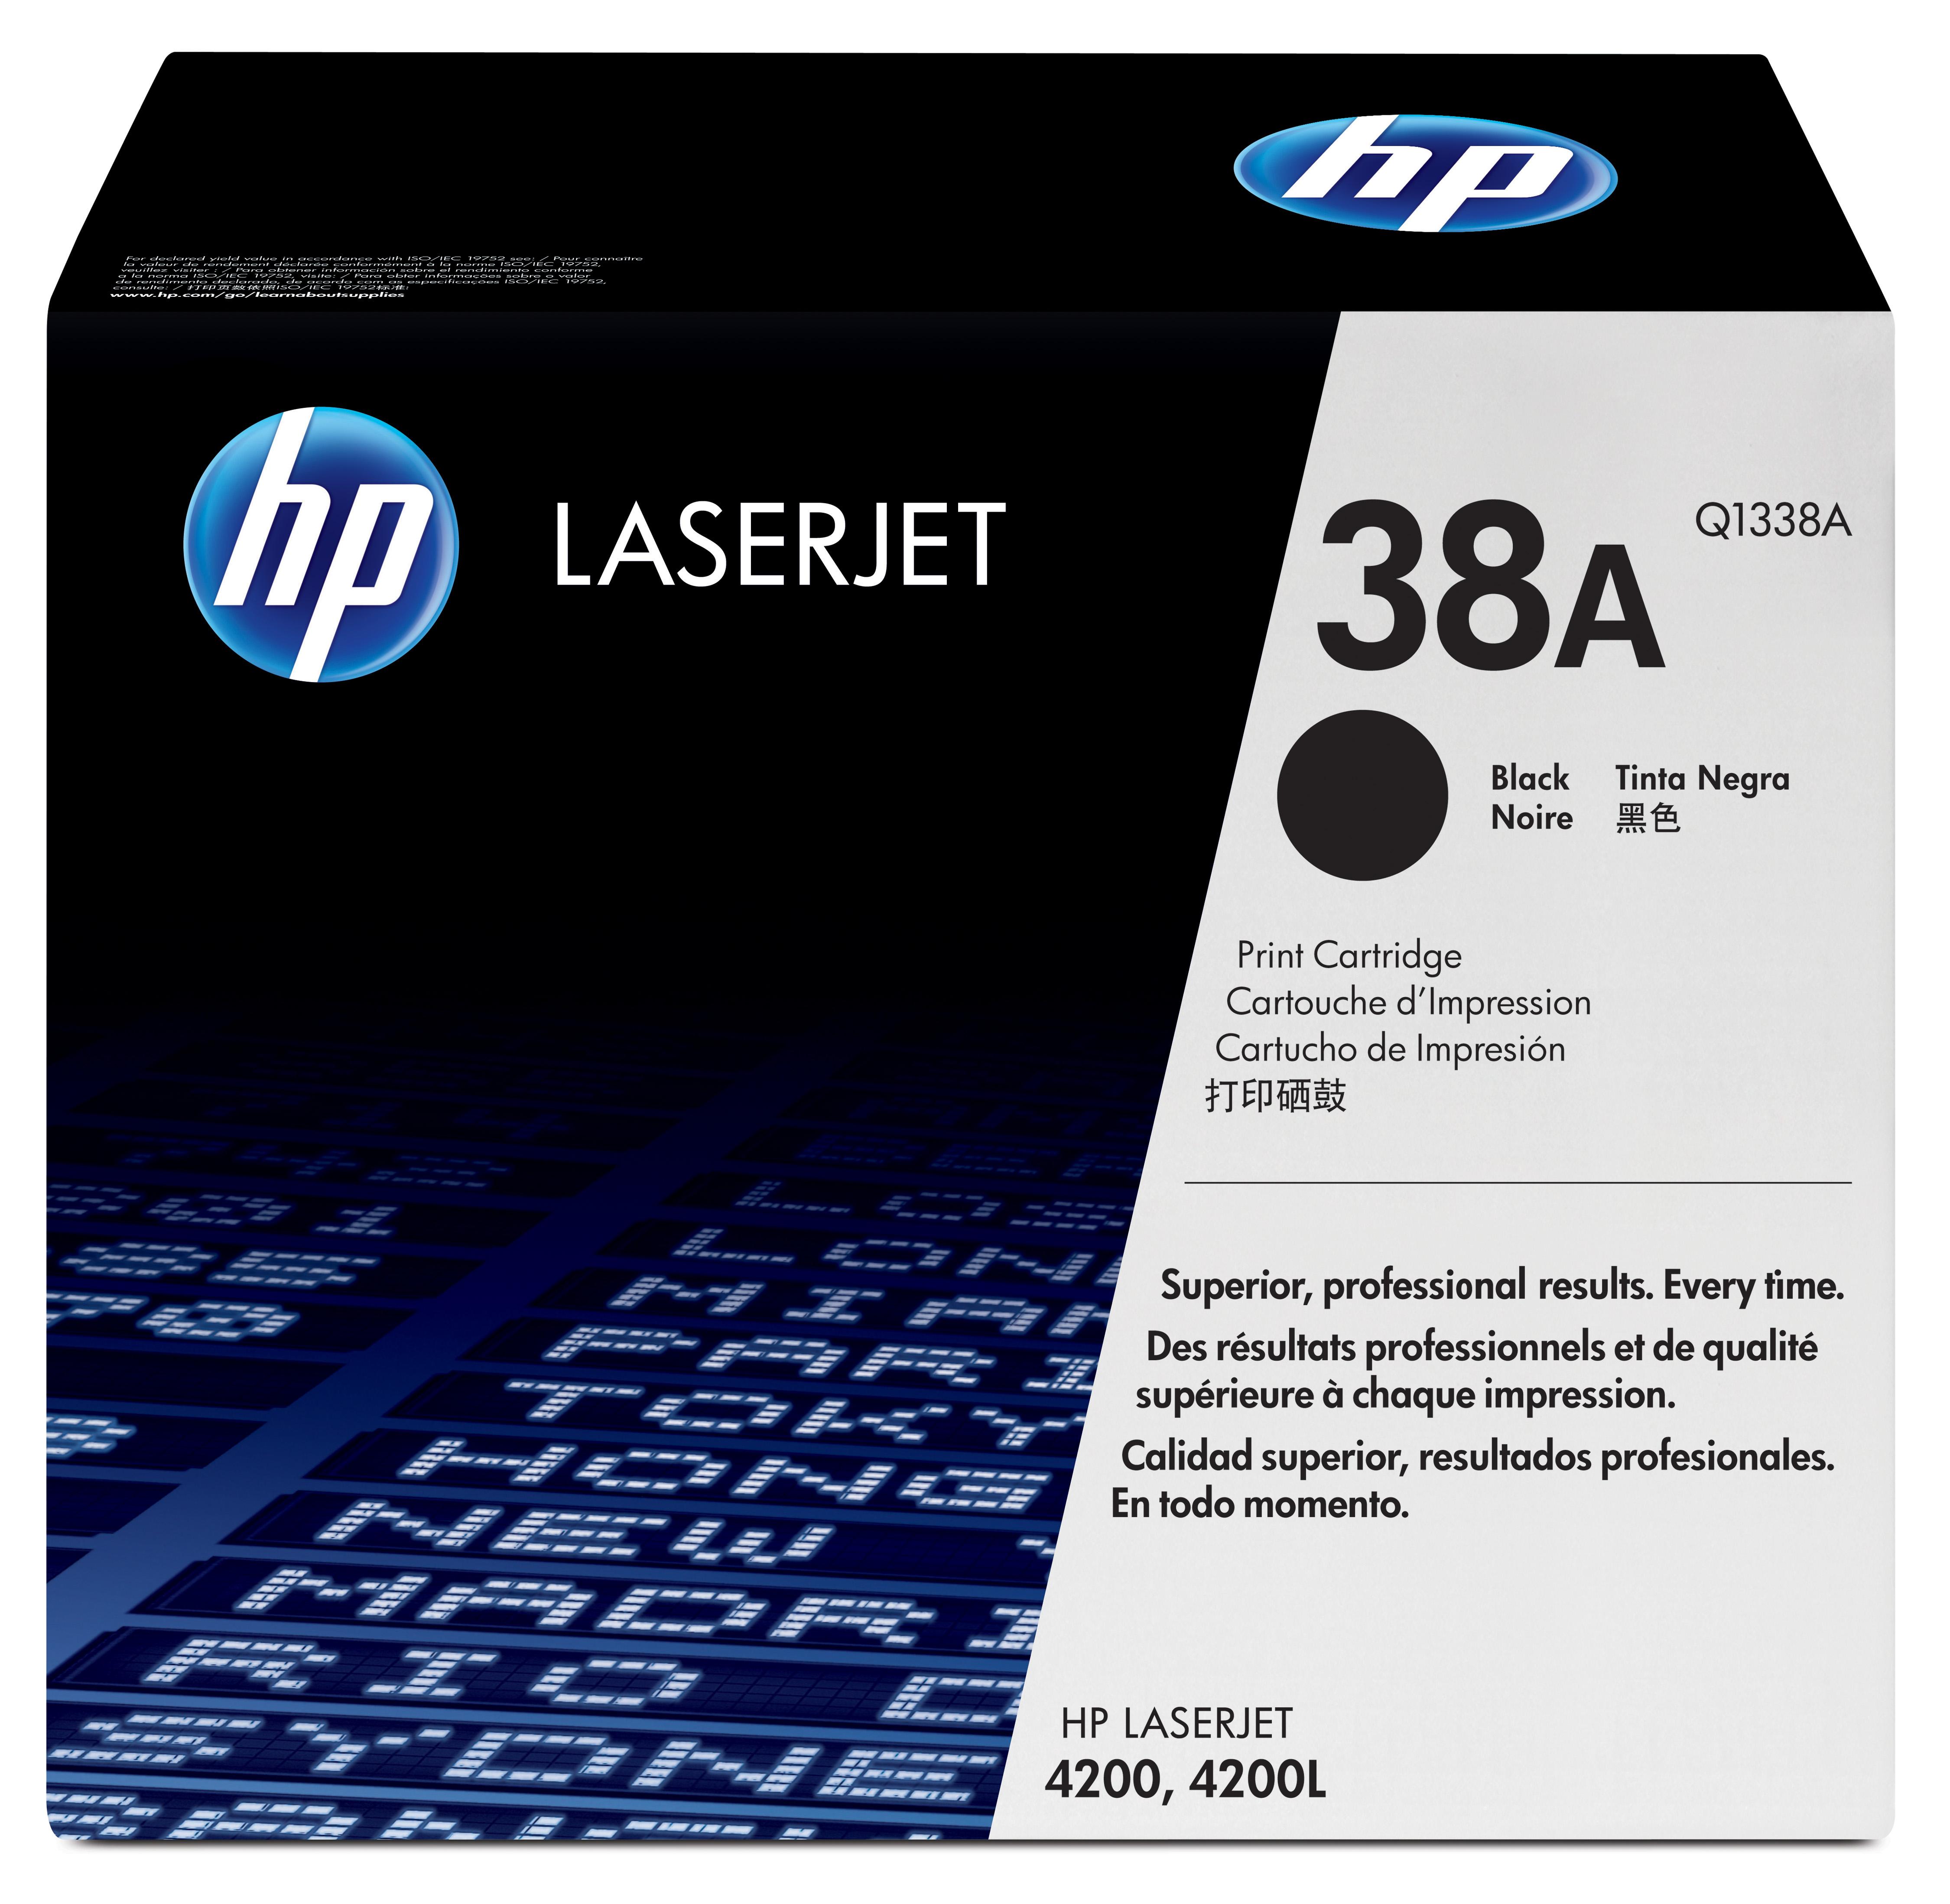 Toner láser HP 38A (Q1338A) Negro